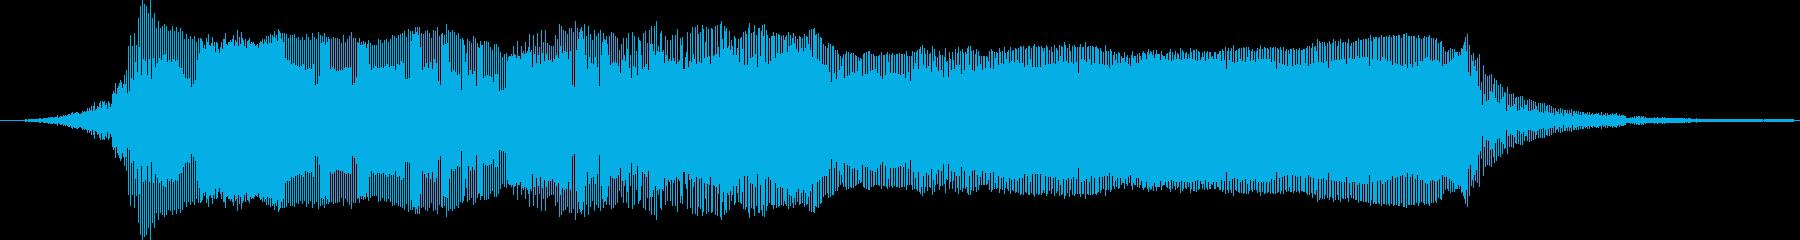 こぶし04(F)の再生済みの波形